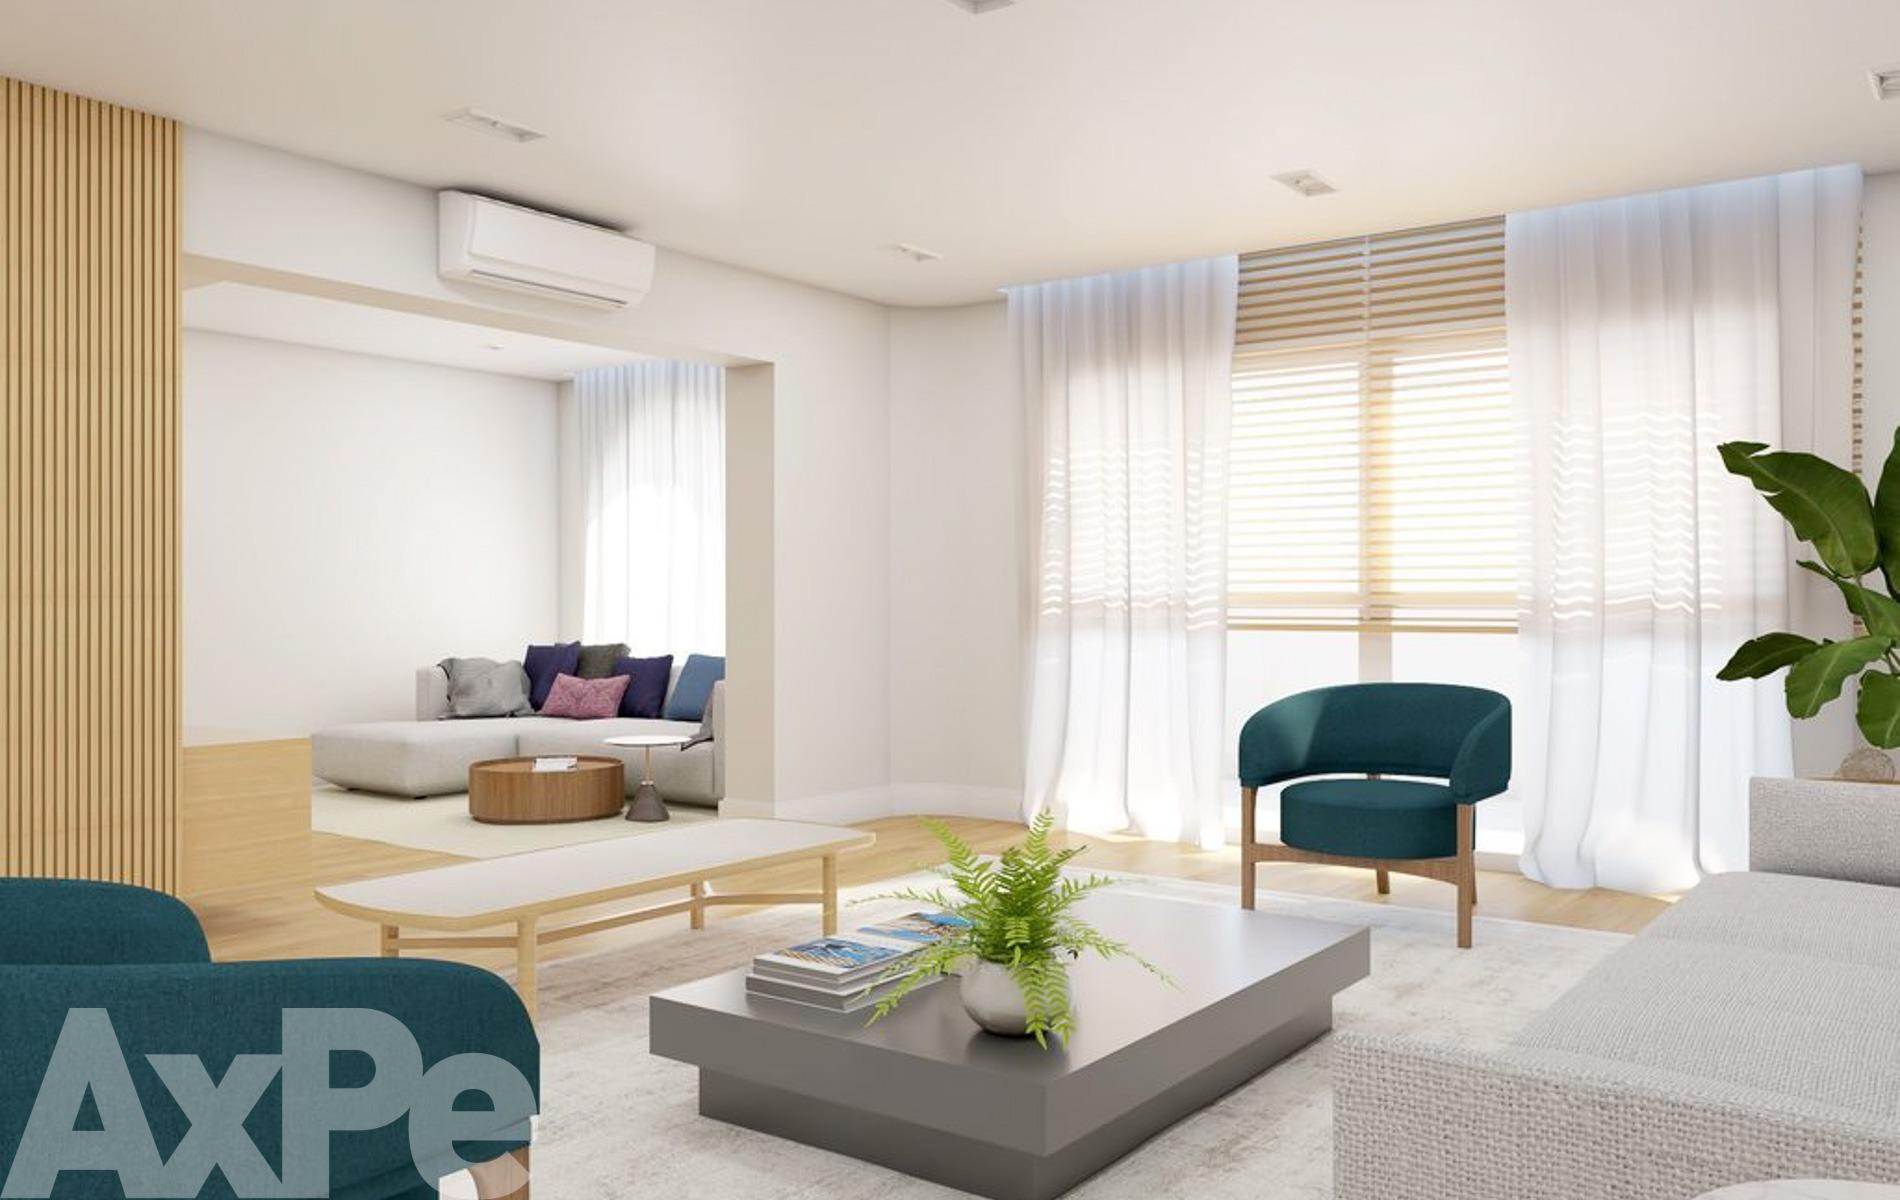 Axpe Apartamento - AX144968